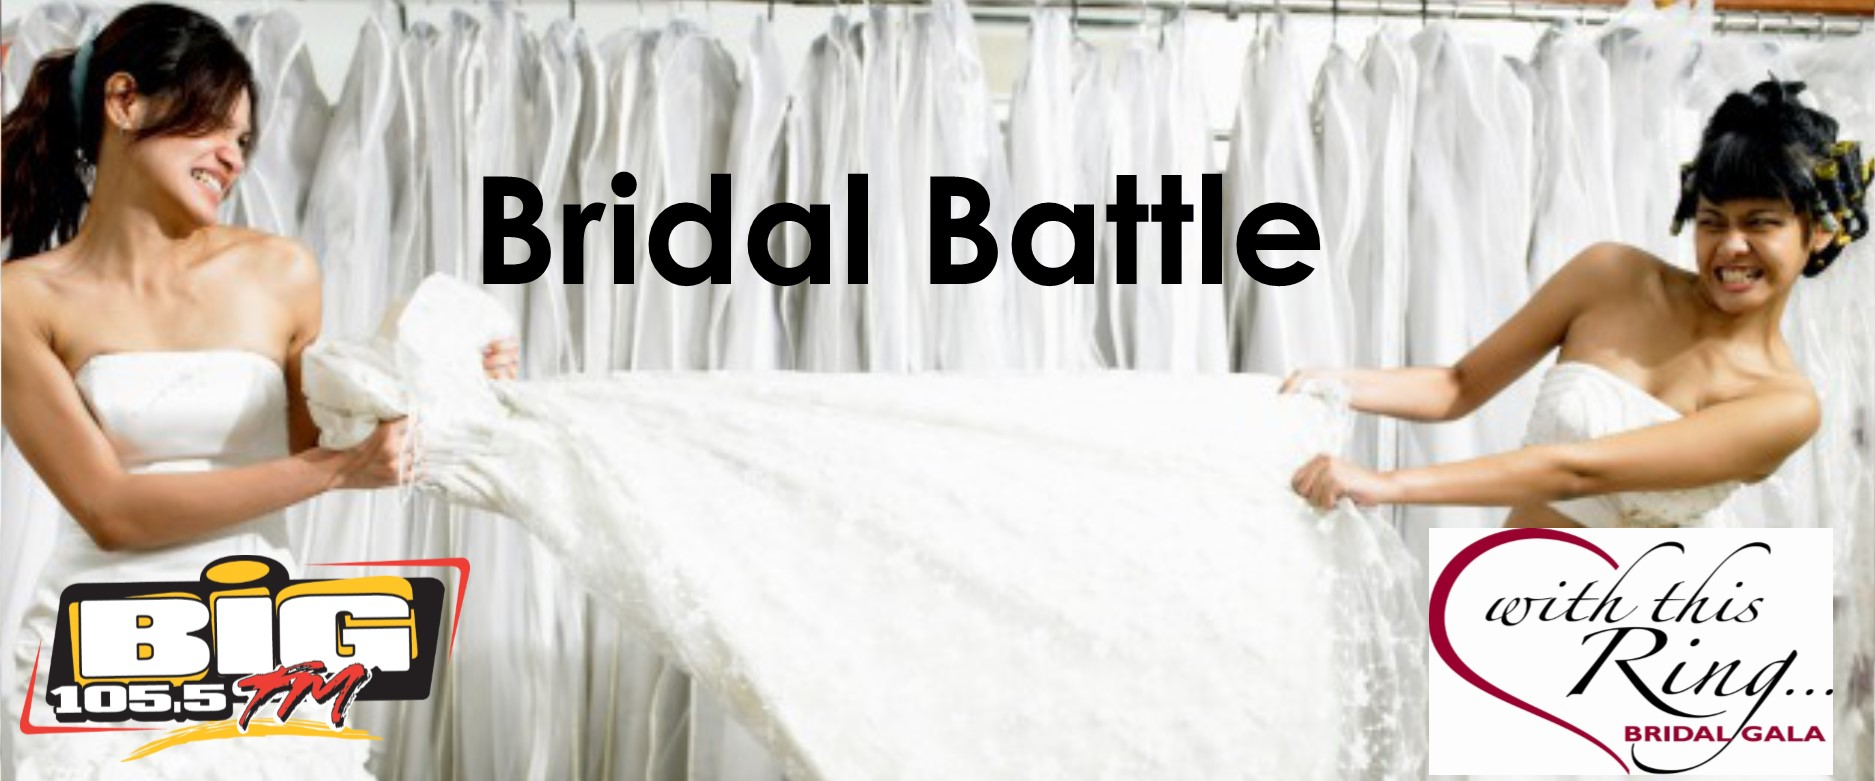 Bridal Battles